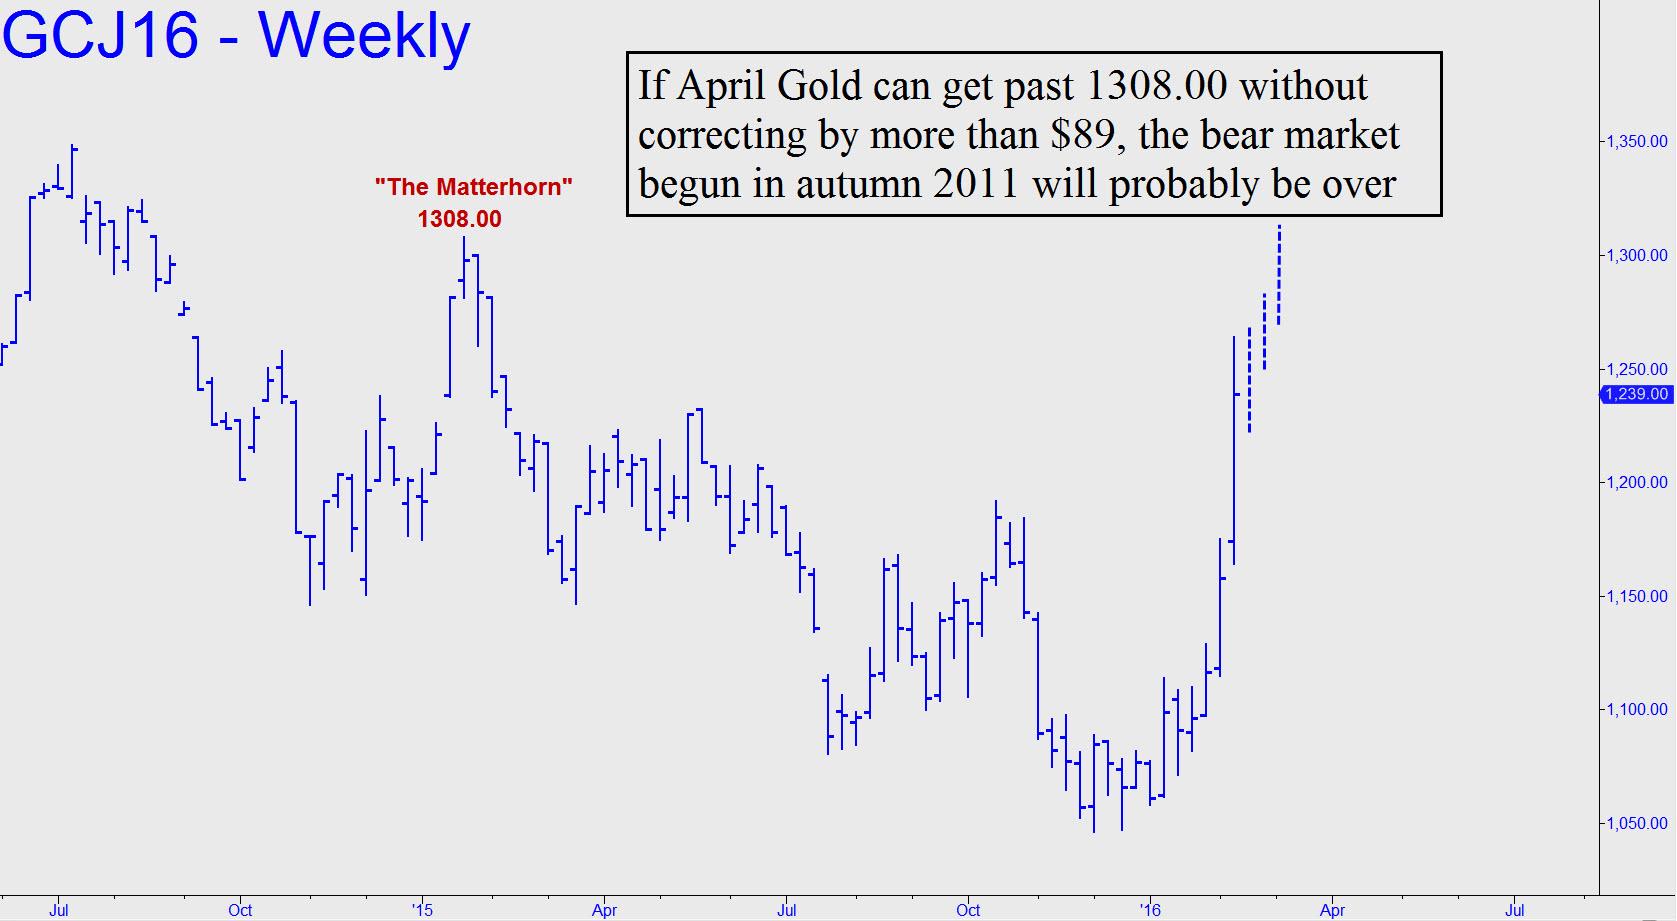 prix de l'or, de l'argent et des minières / suivi 2015 et ultérieurement - Page 5 If-April-Gold-can